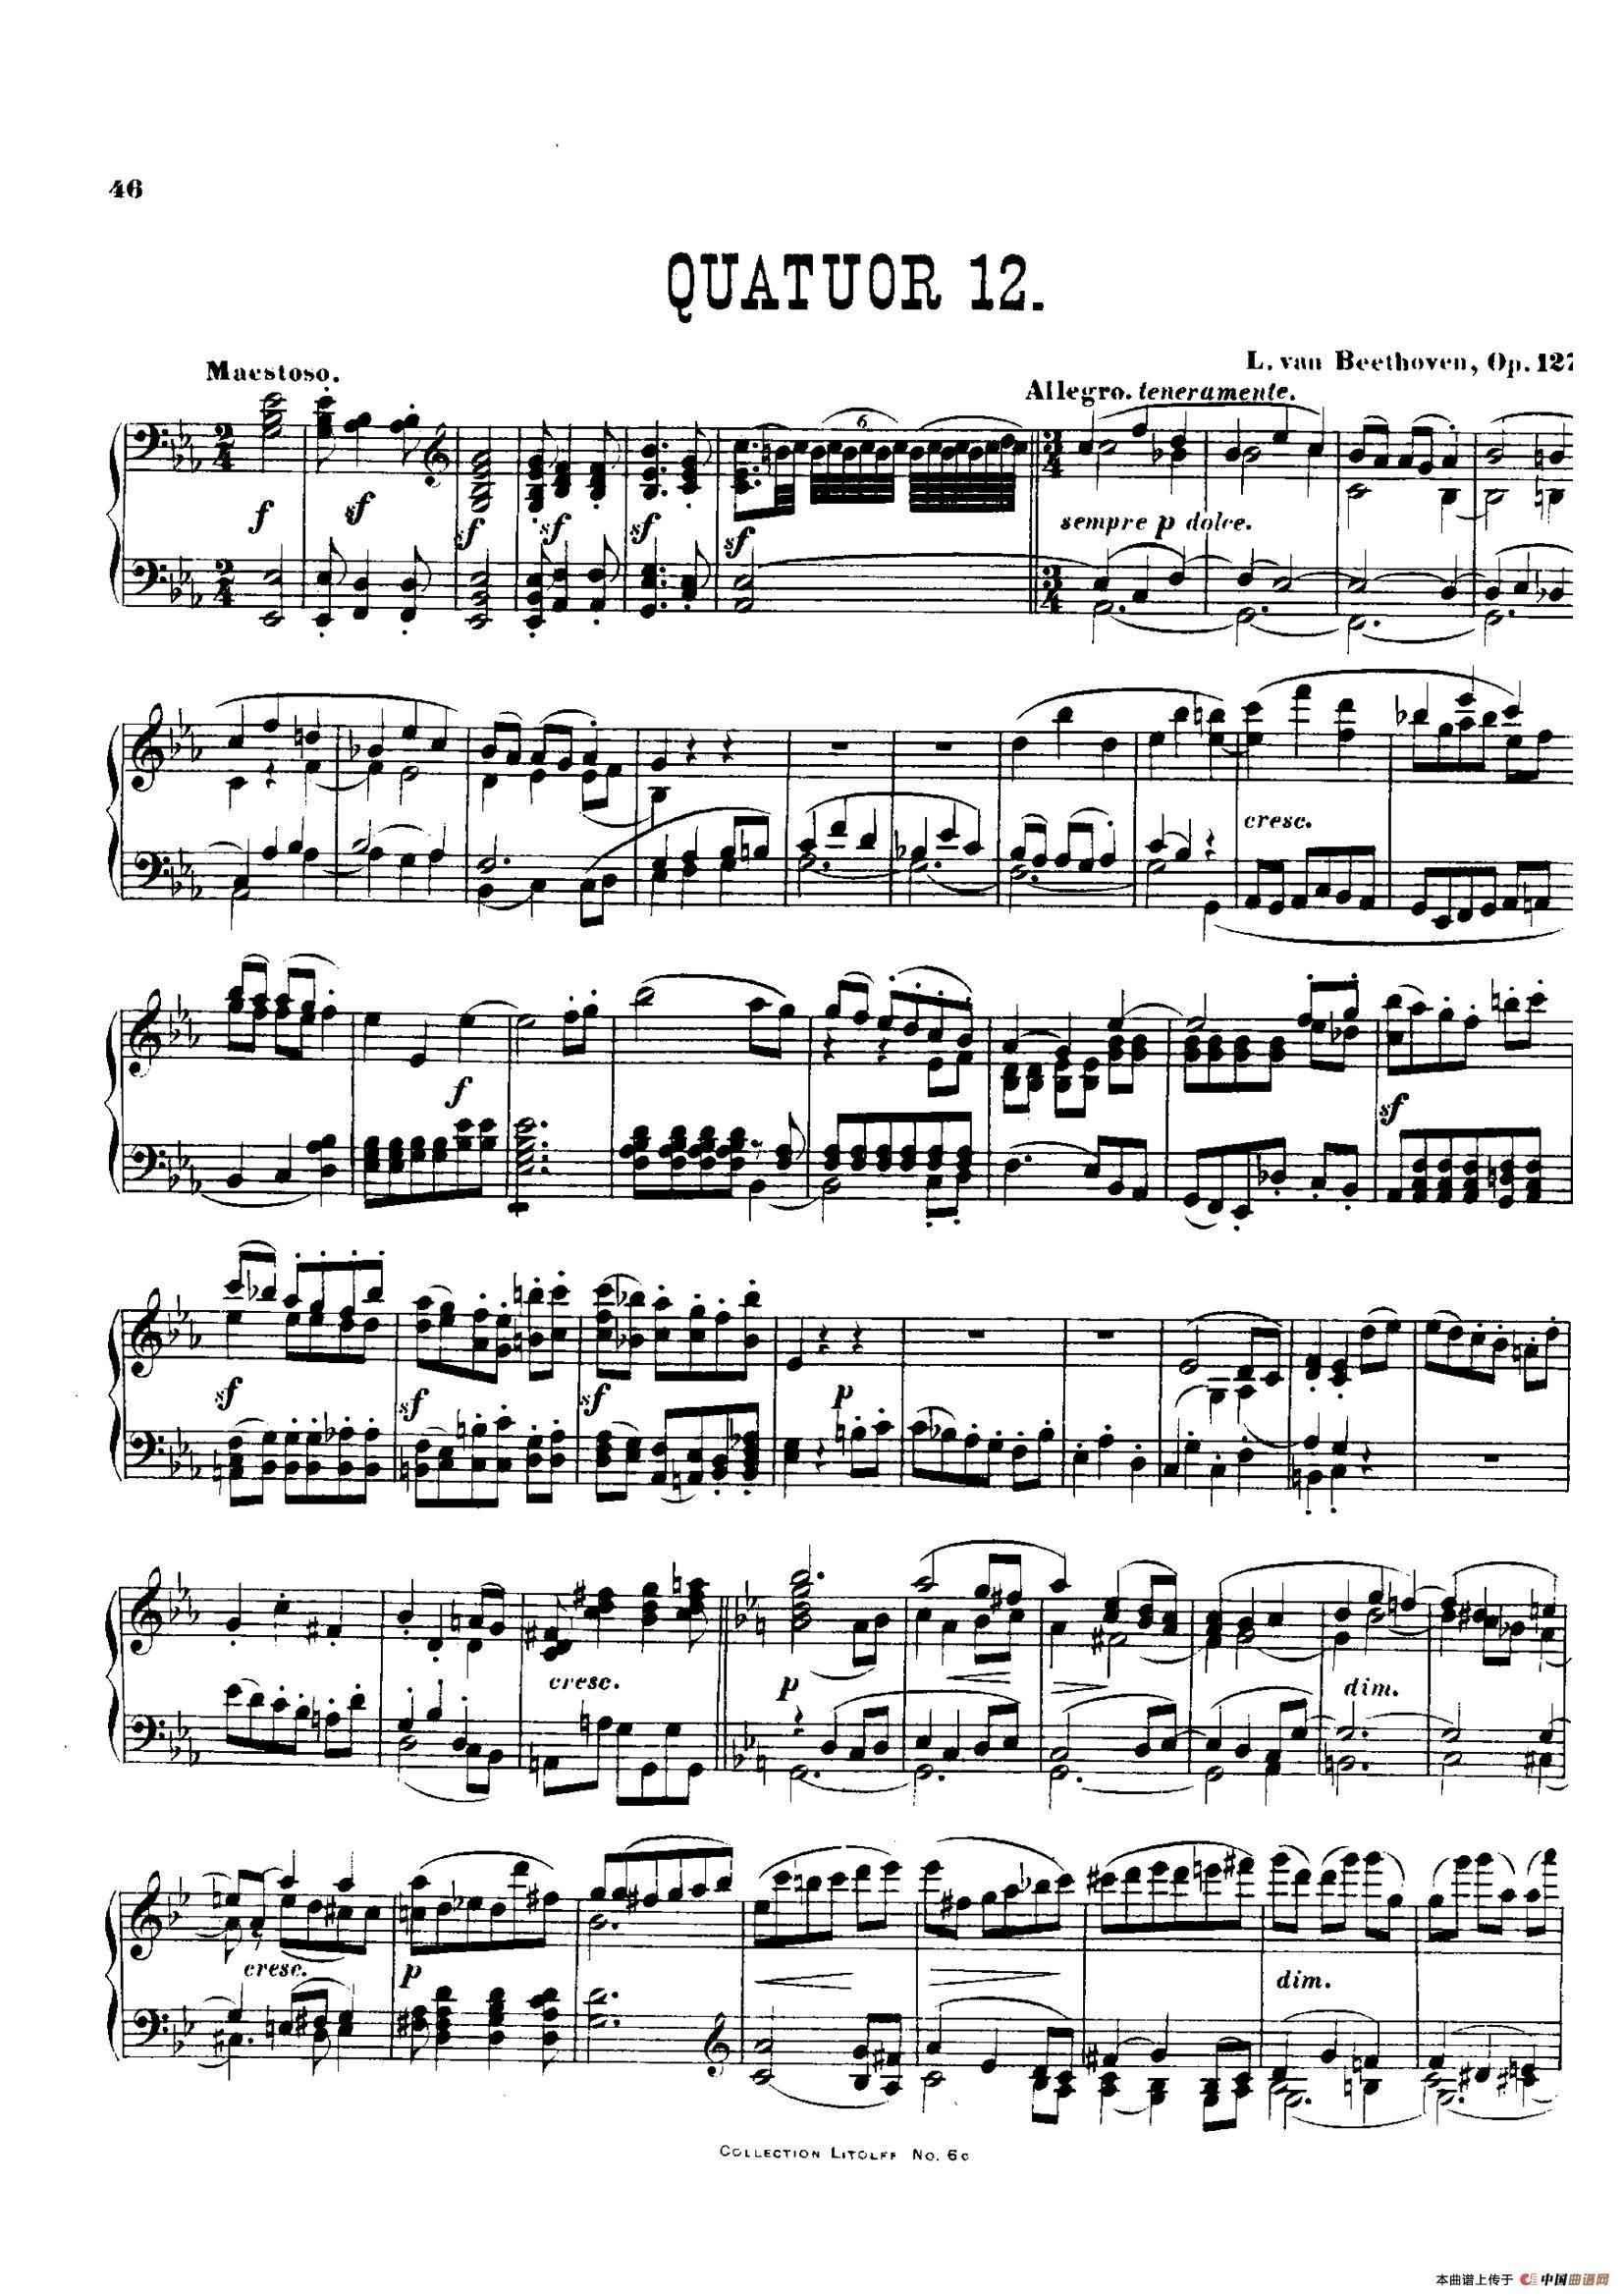 降E大调第十二弦乐四重奏(钢琴独奏版)(1)_原文件名:001.jpg